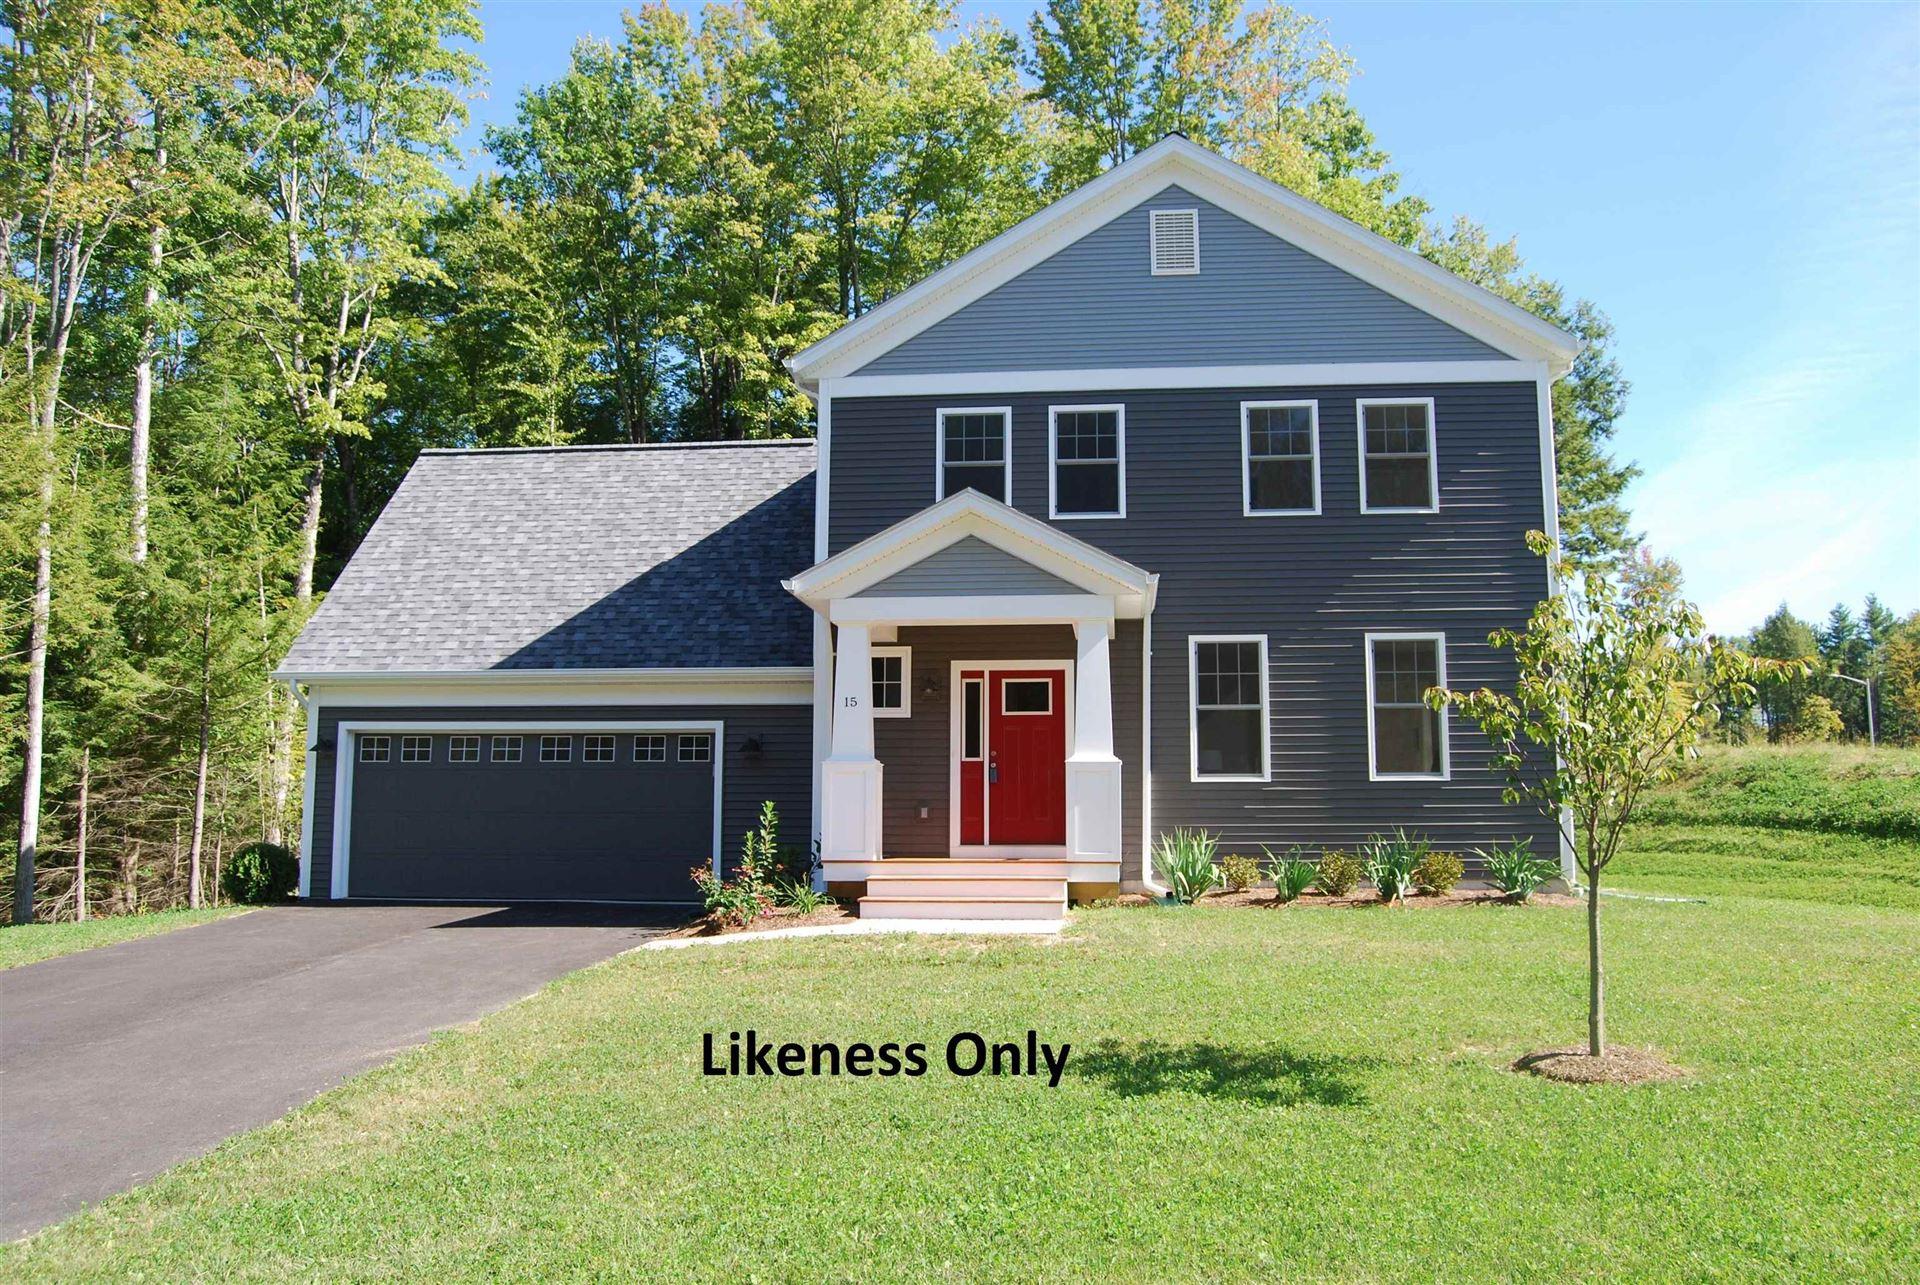 Lot 51 Horseshoe Circle, Milton, VT 05468 - MLS#: 4877340